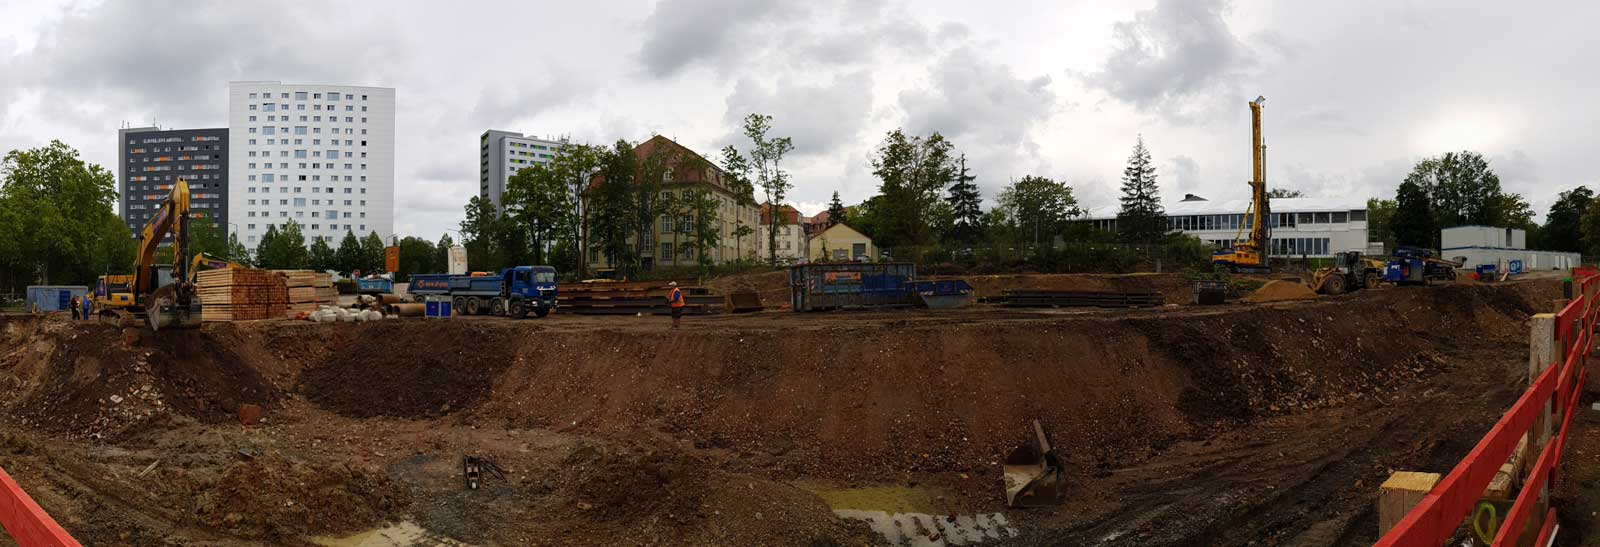 REWE-Haus, Panoramablick auf die Baustelle von der Münchner Straße (Foto: hpm)